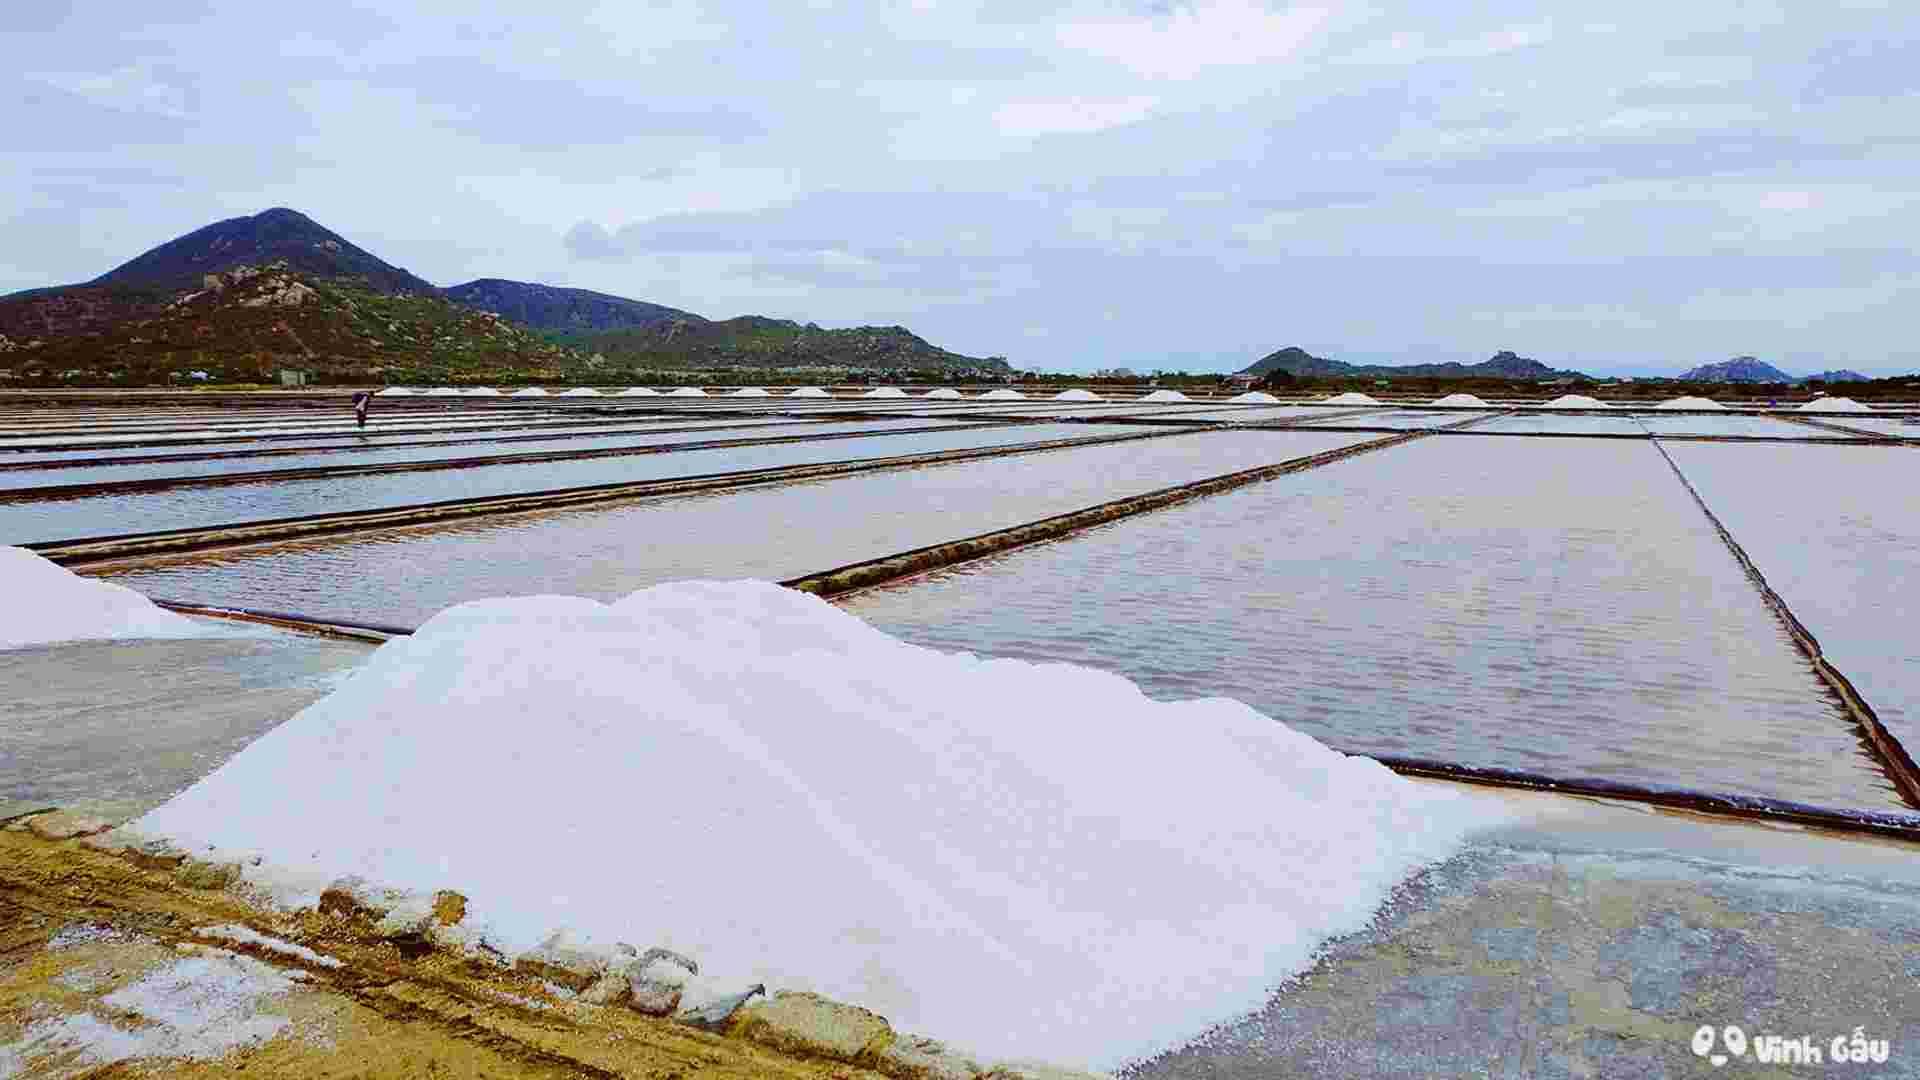 Đồng muối Phương Cựu